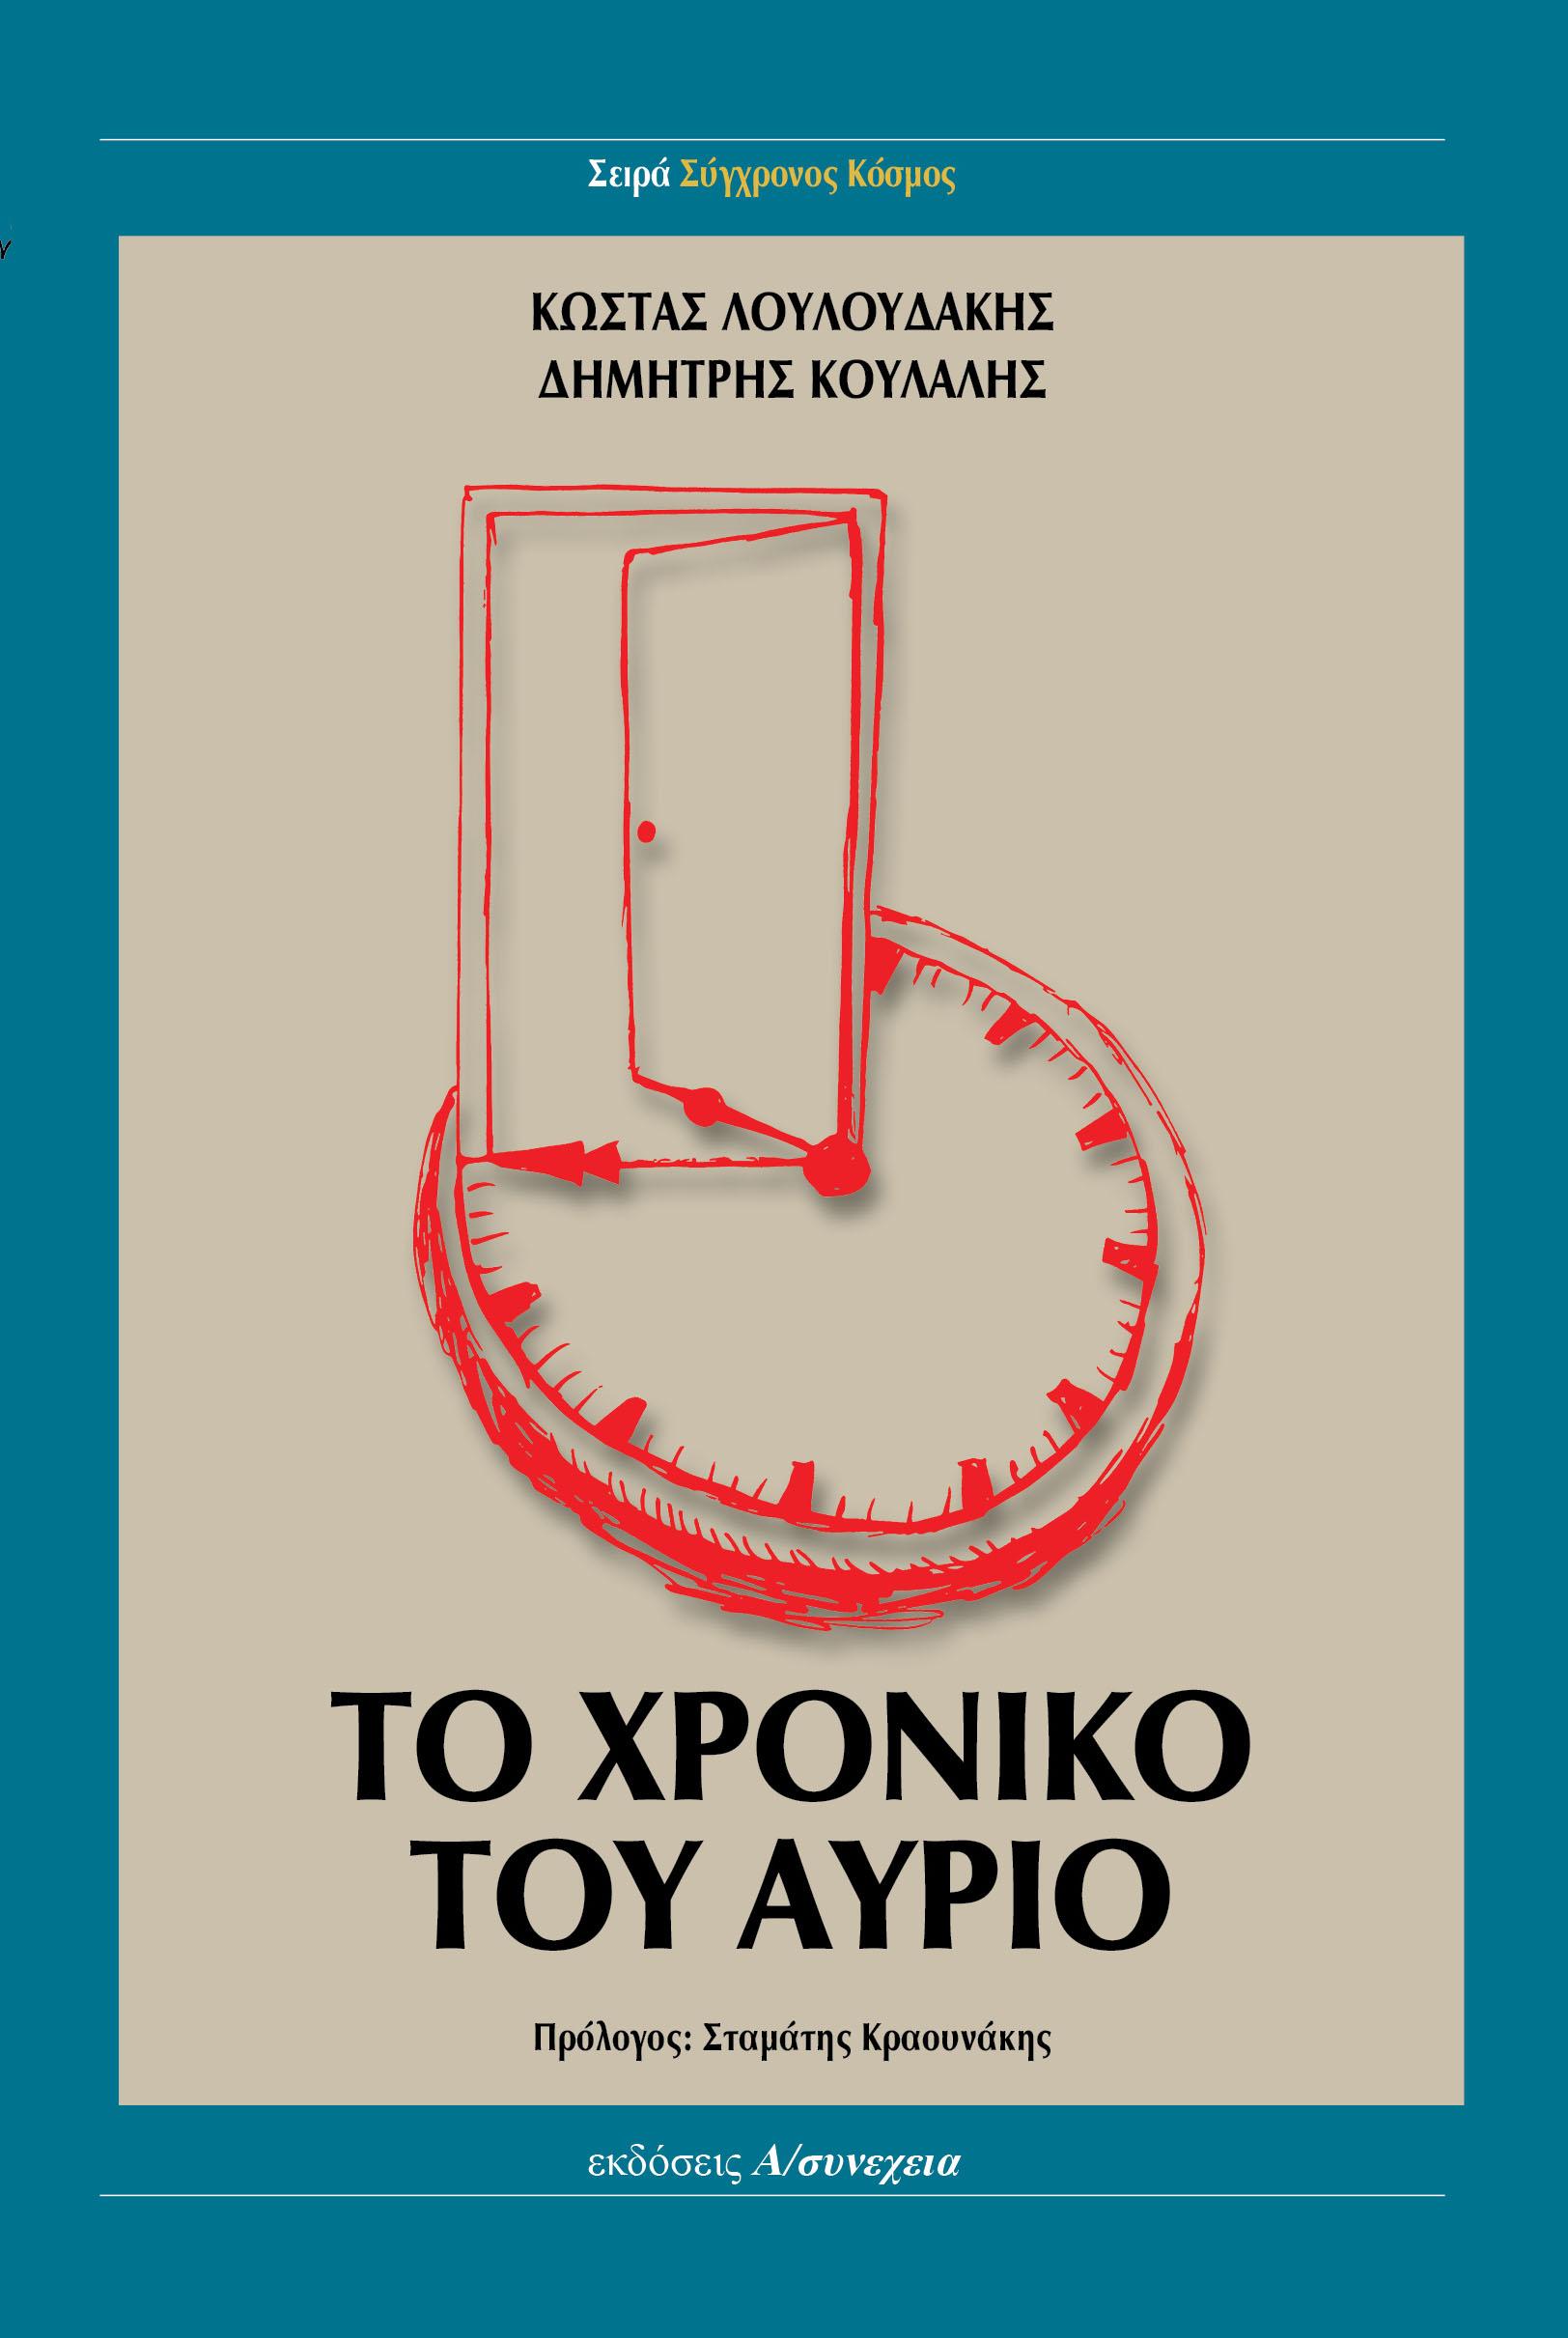 ΧΡΟΝΙΚΟ.cover